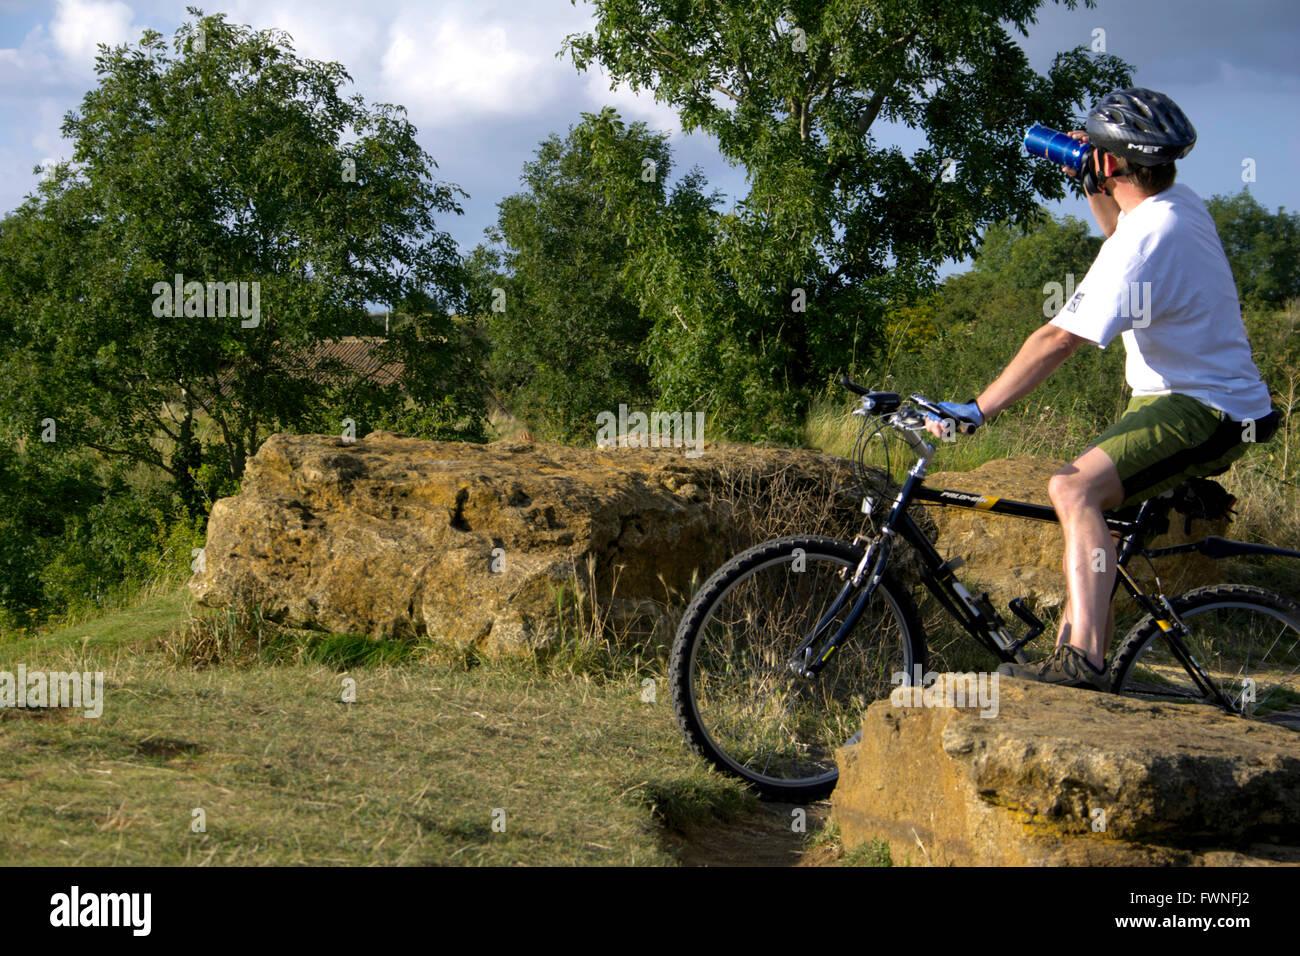 Cycliste sur Ham Hill, Somerset, Angleterre, les gens jeune homme reposant repose sur l'eau de boisson potable rock bouteille vélo assis Banque D'Images